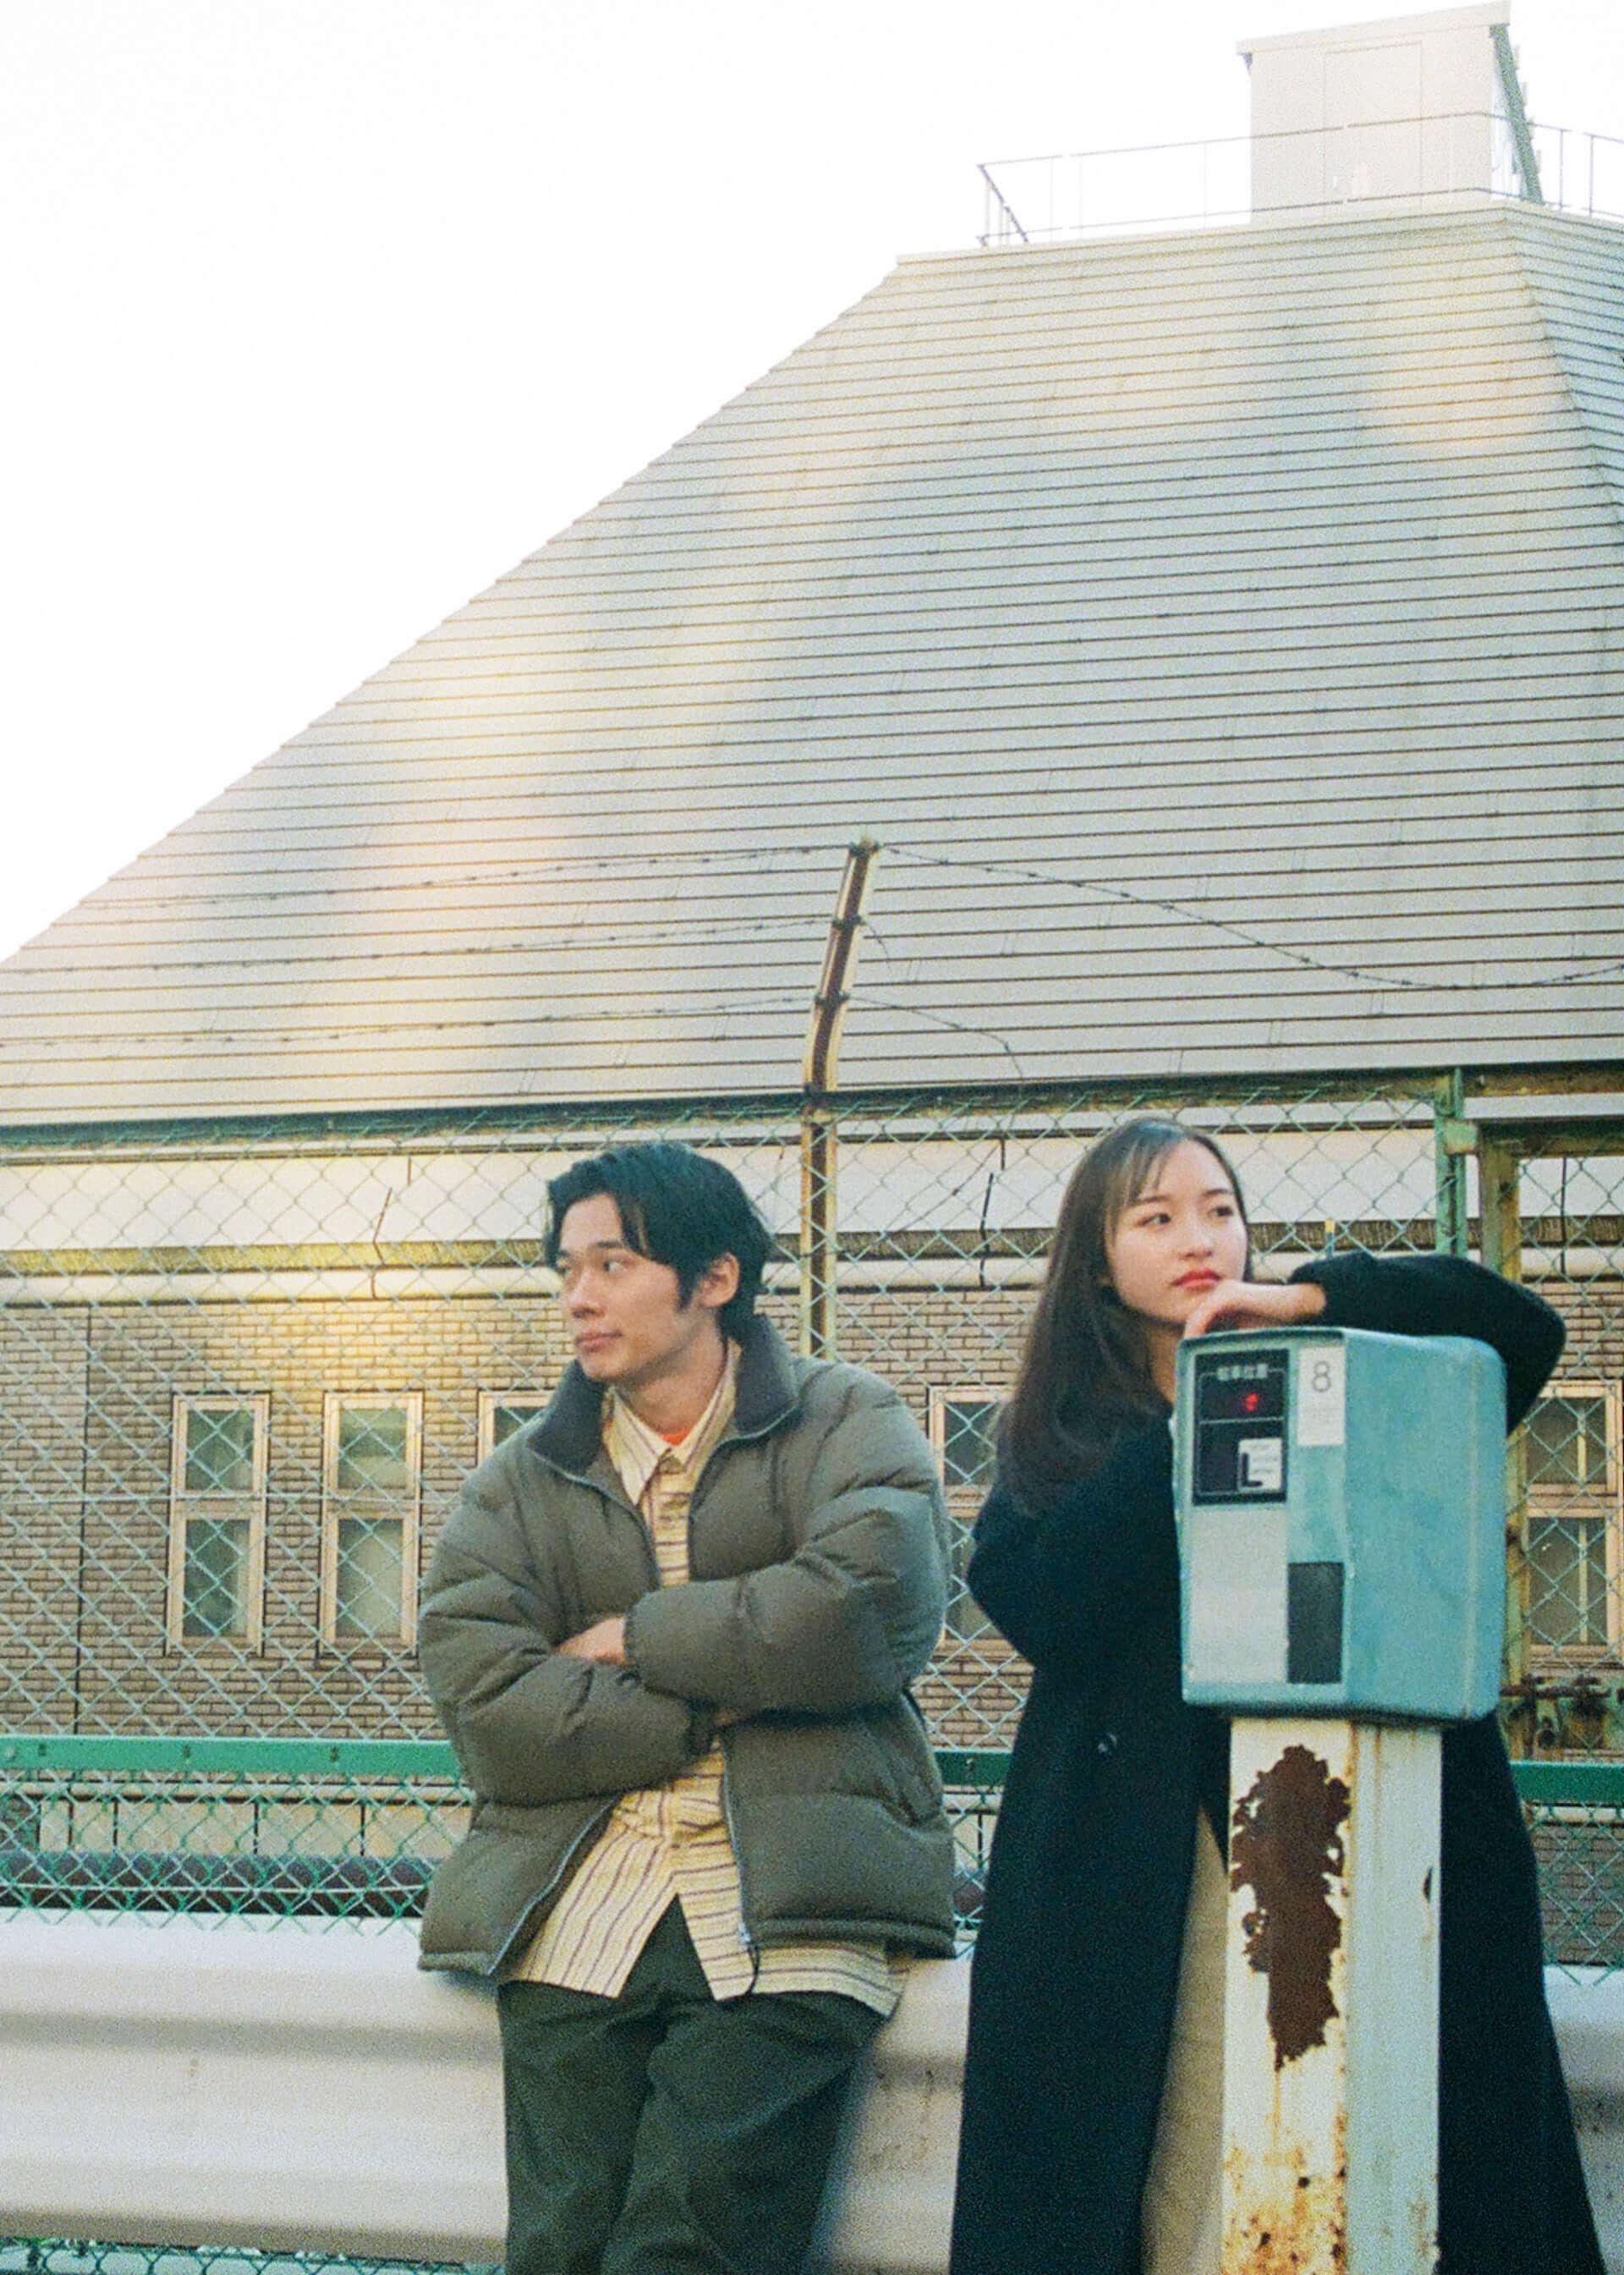 珠 鈴×松㟢翔平 台湾でどこ行く なに食べる?好好台湾対談 interview_shuri_matsuaki_02-1920x2689